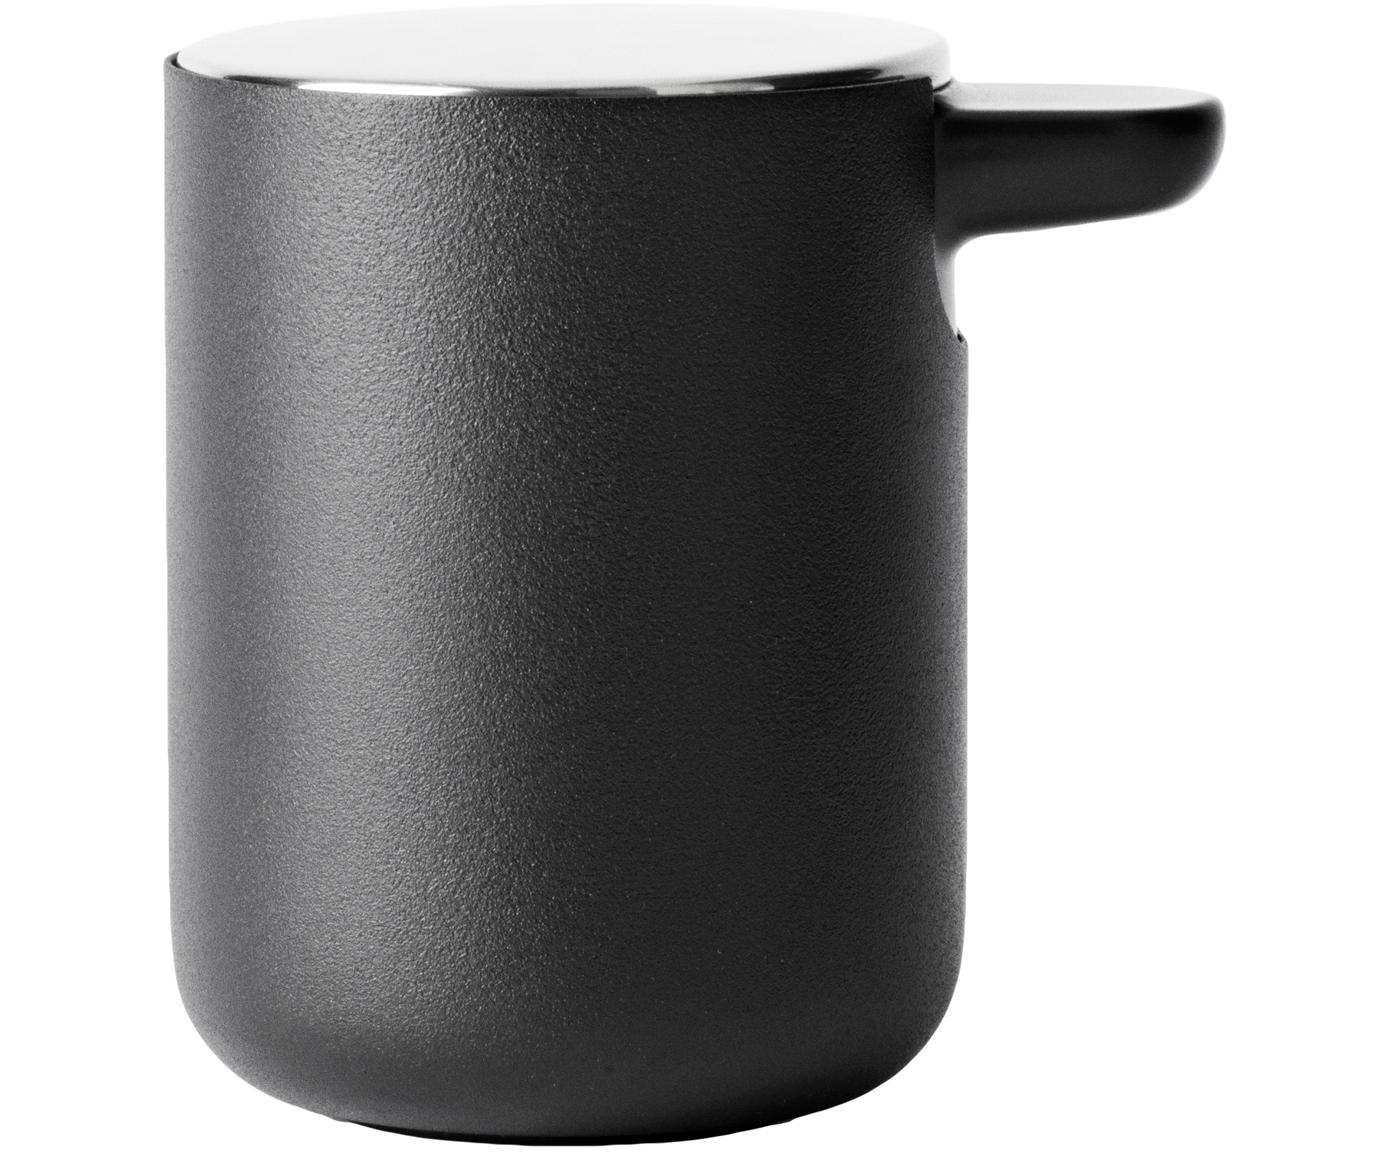 Dosificador de jabón Matty, Metal, plástico, Negro, Ø 11 x Al 11 cm